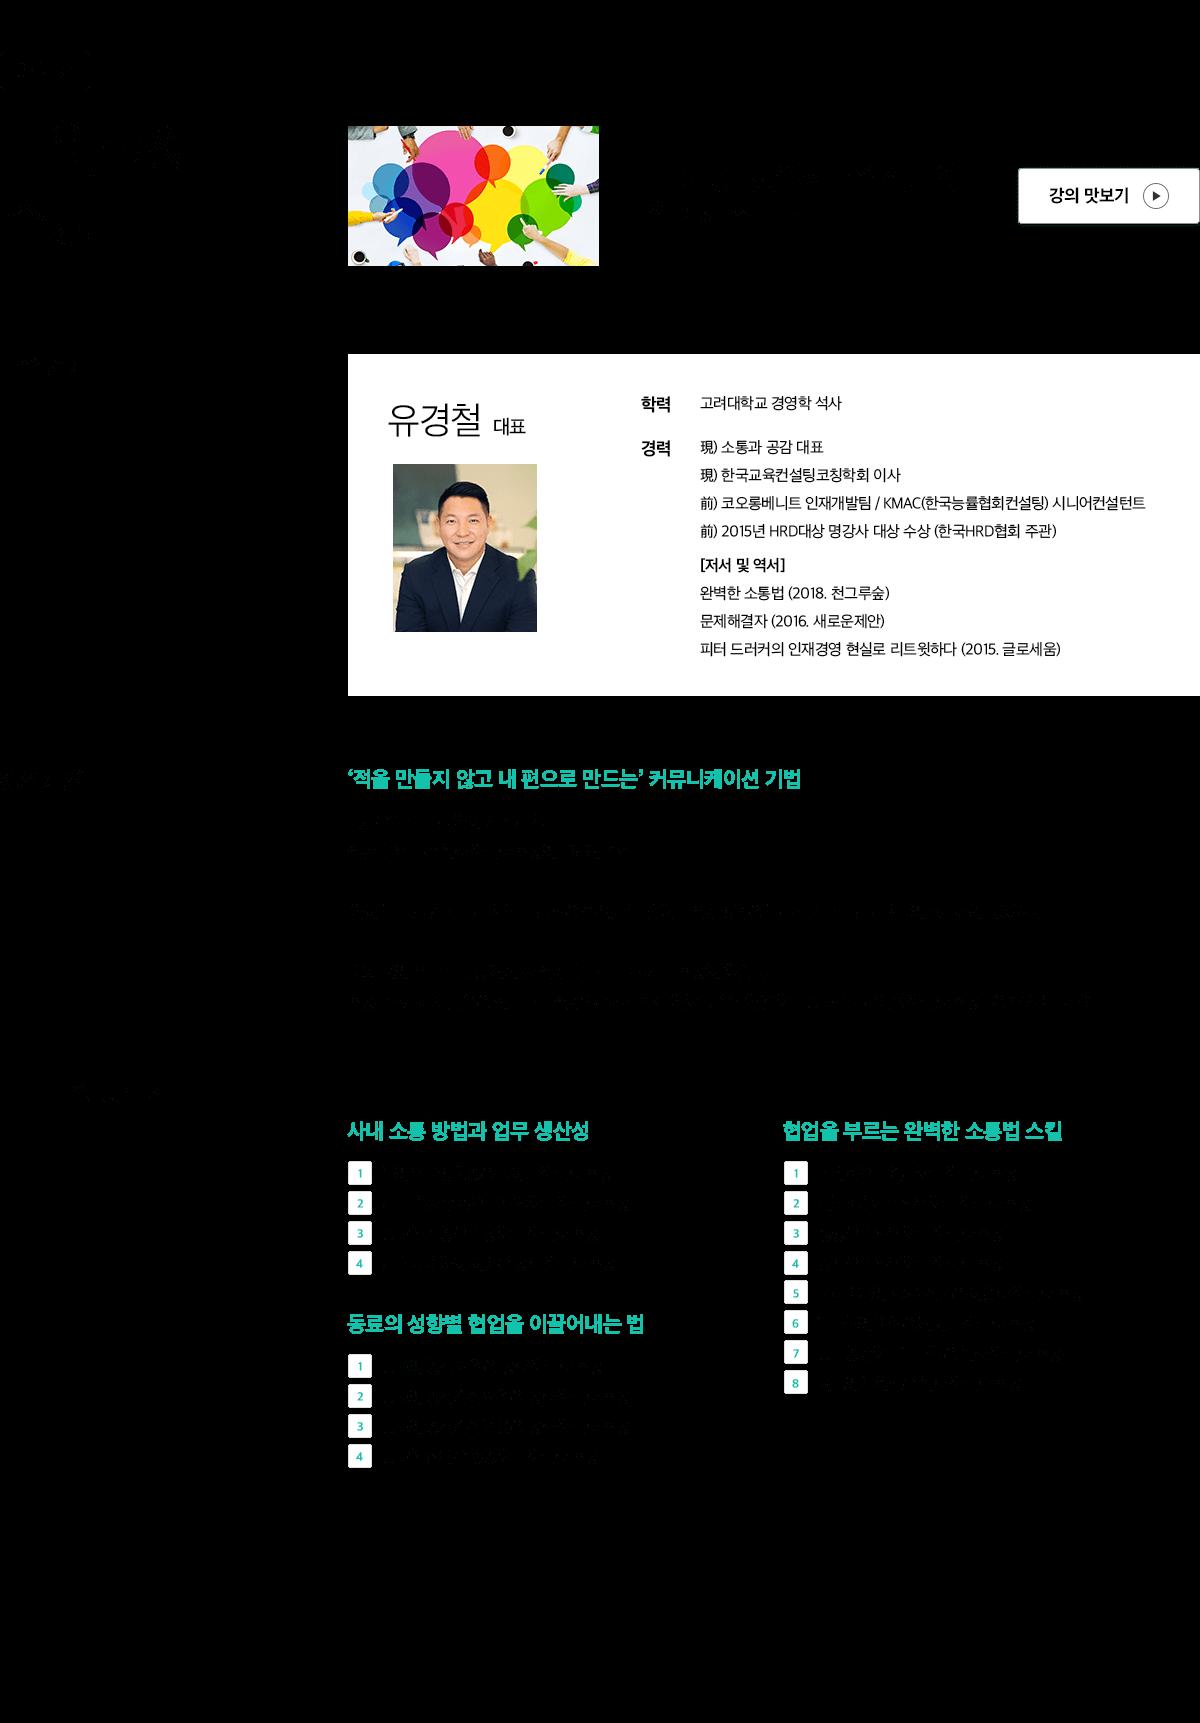 팀워크&소통